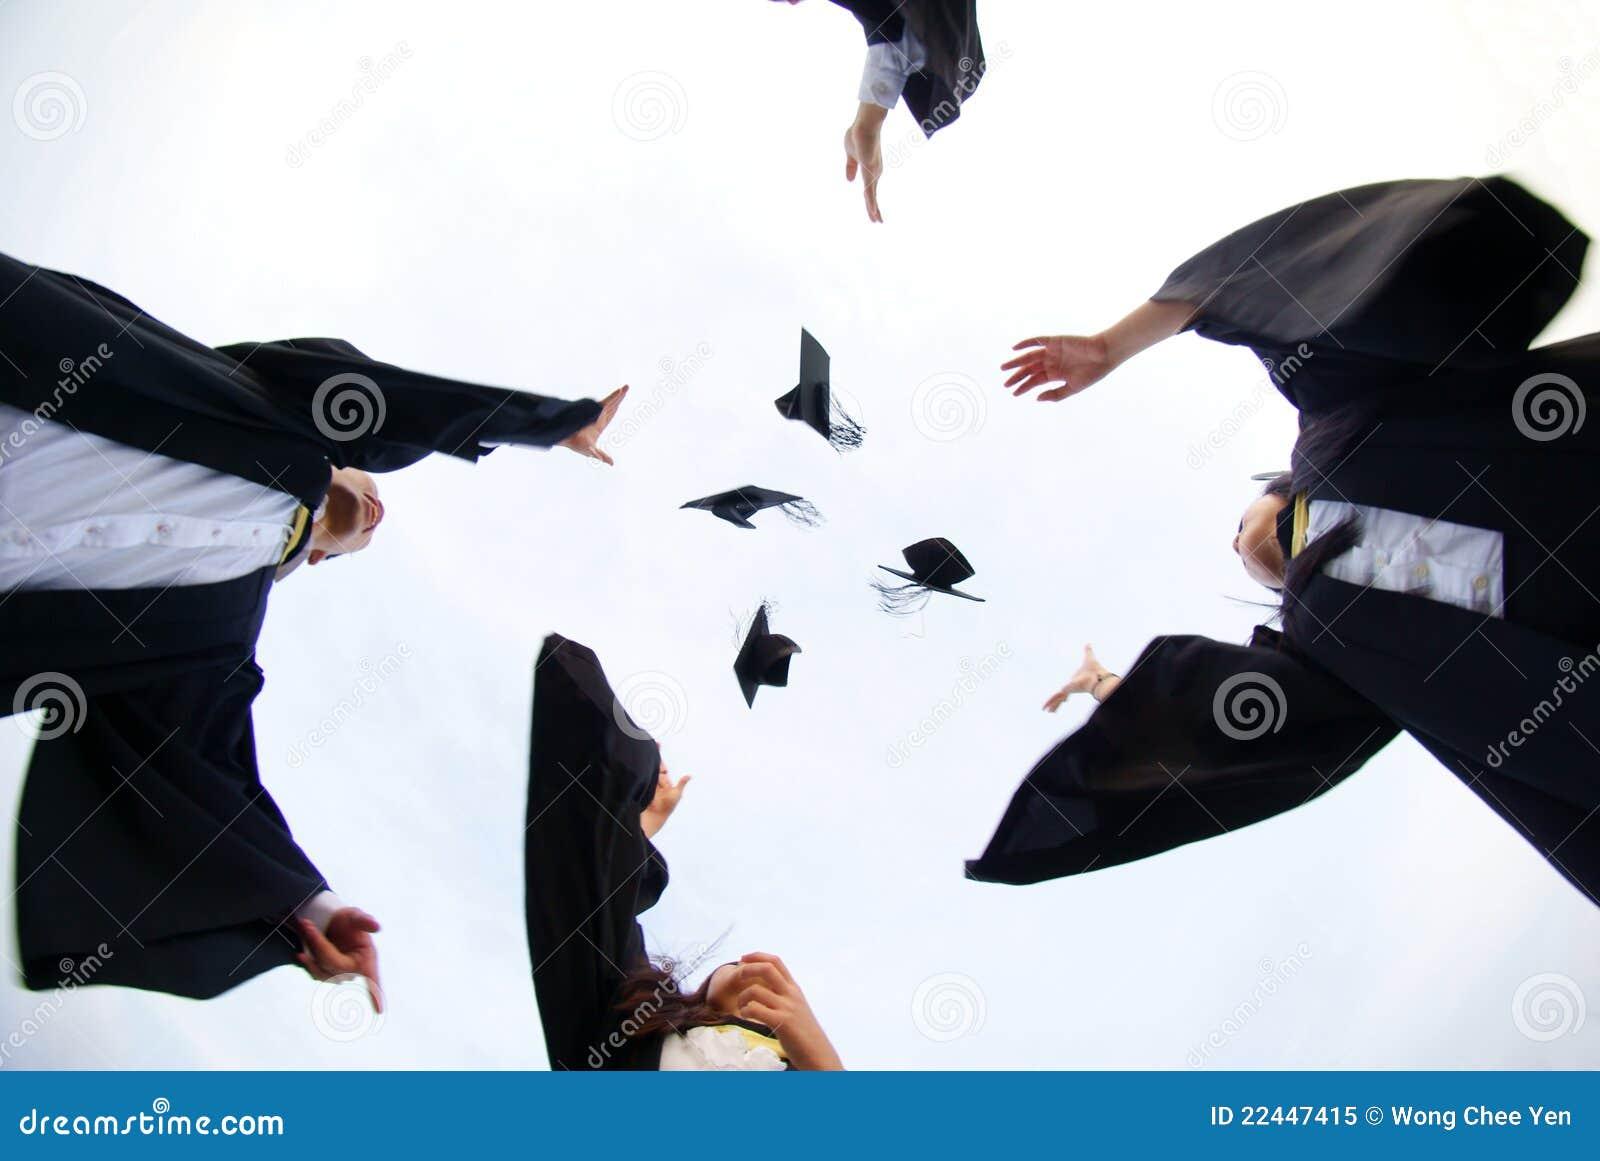 Diplômés heureux projetant des chapeaux